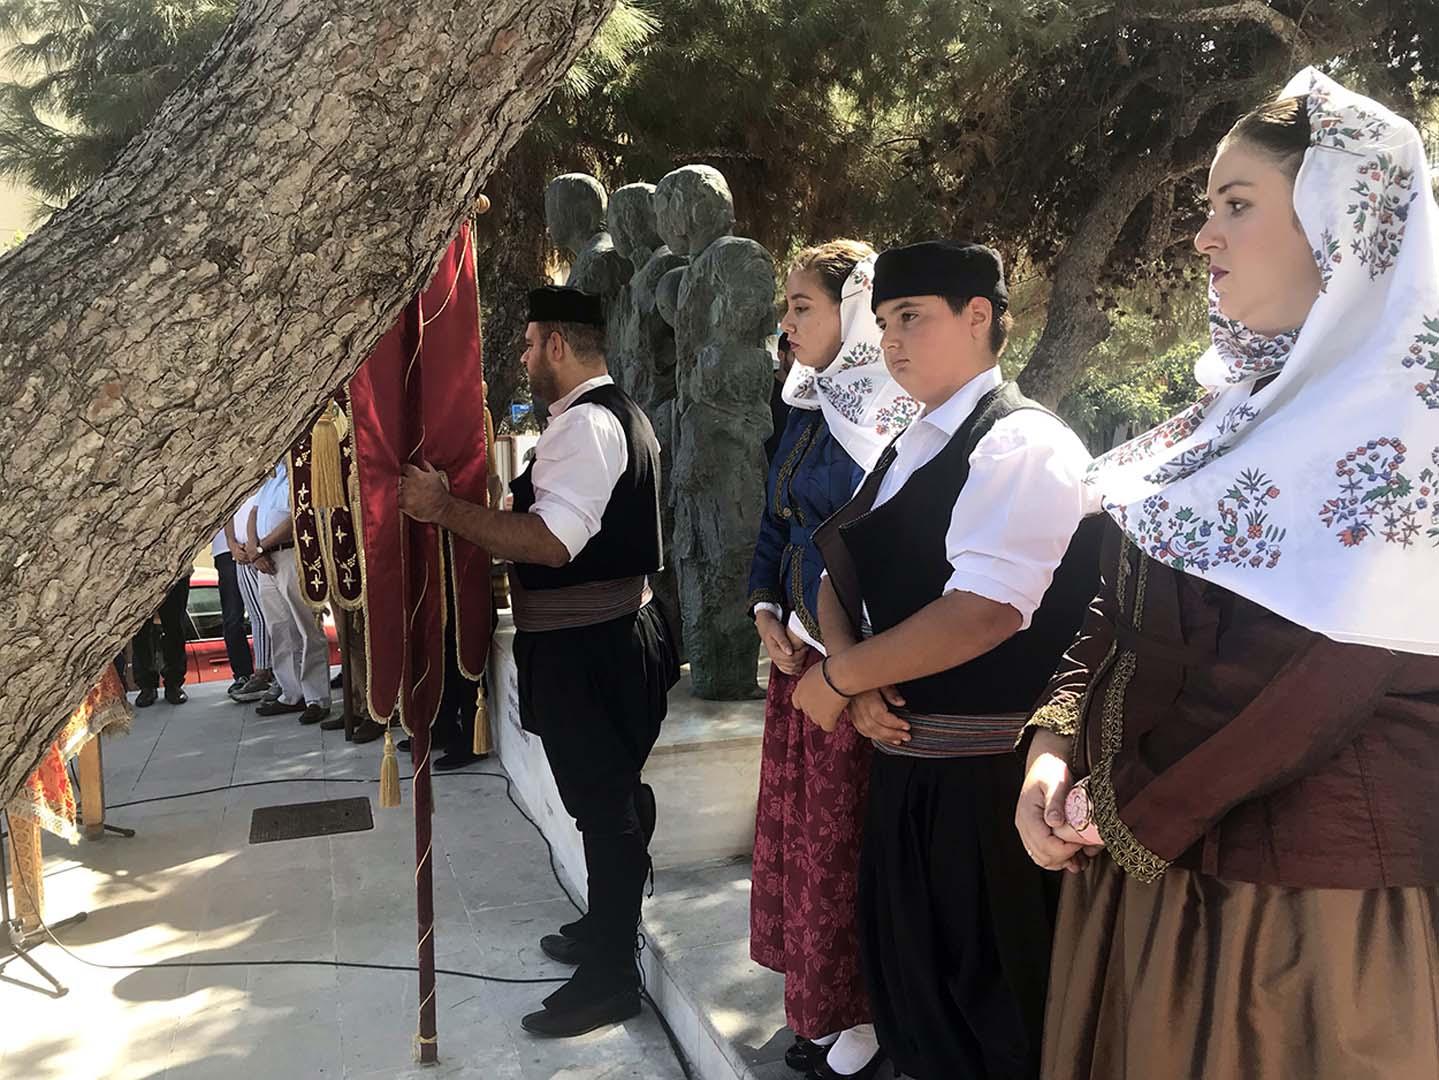 Στην εκδήλωση τιμής και μνήμης για τη γενοκτονία των Ελλήνων της Μικράς Ασίας